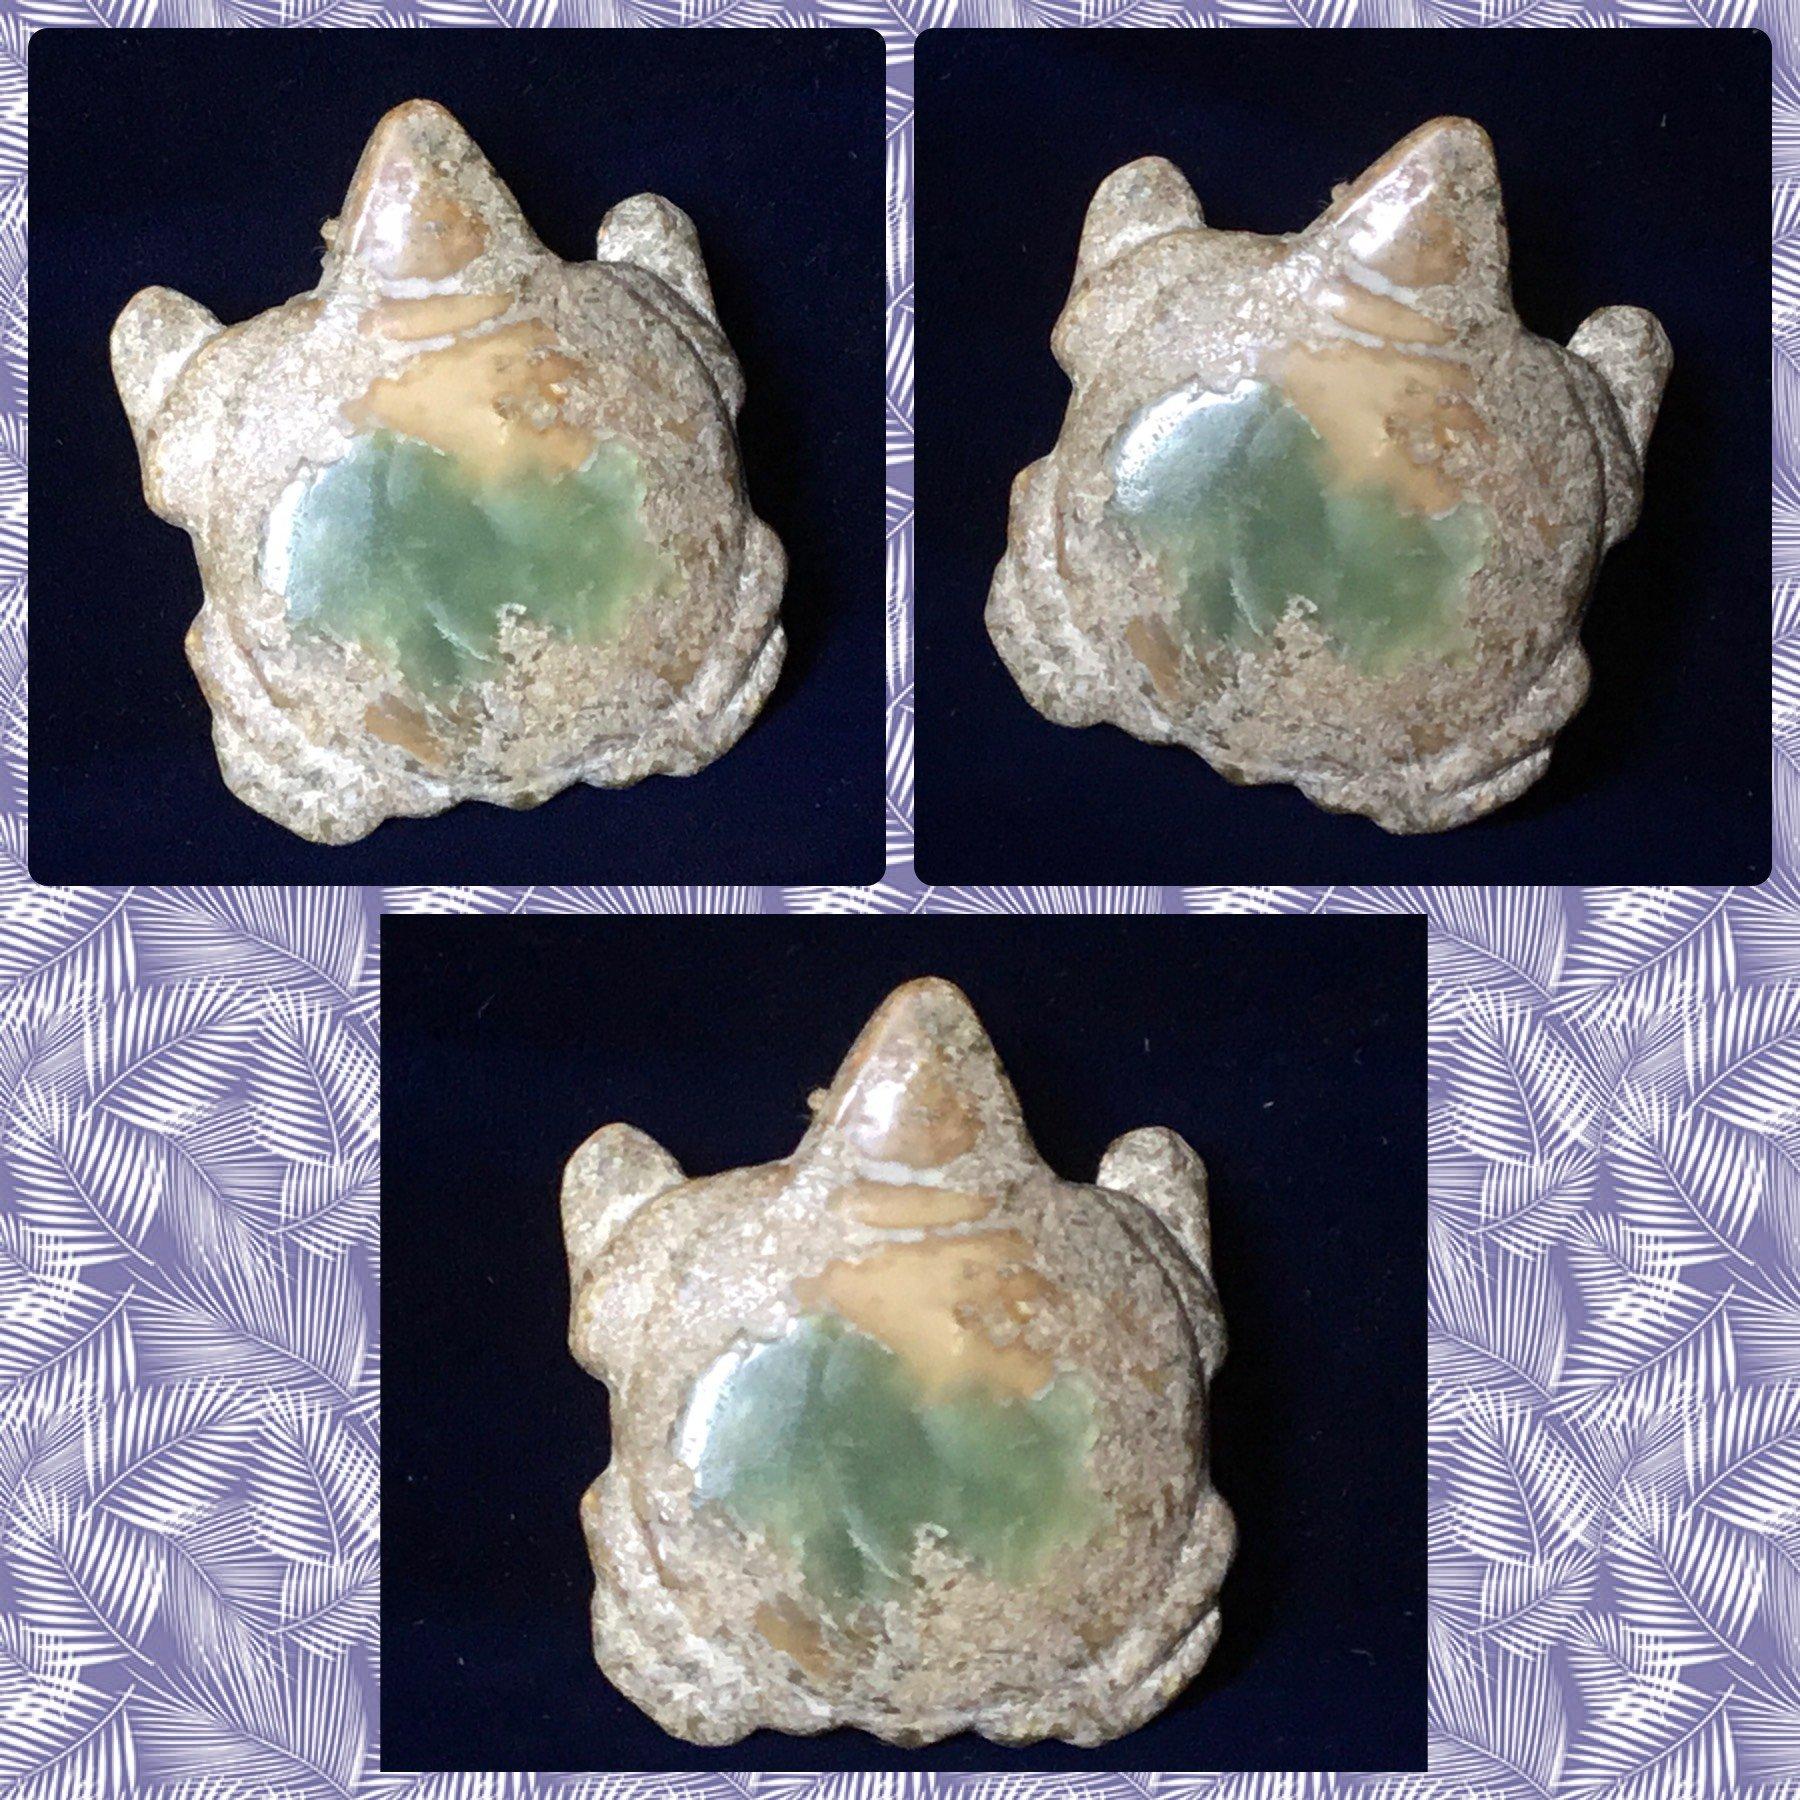 【錦福齋】 紅山文化《玉龜》。紅山文化/良渚文化